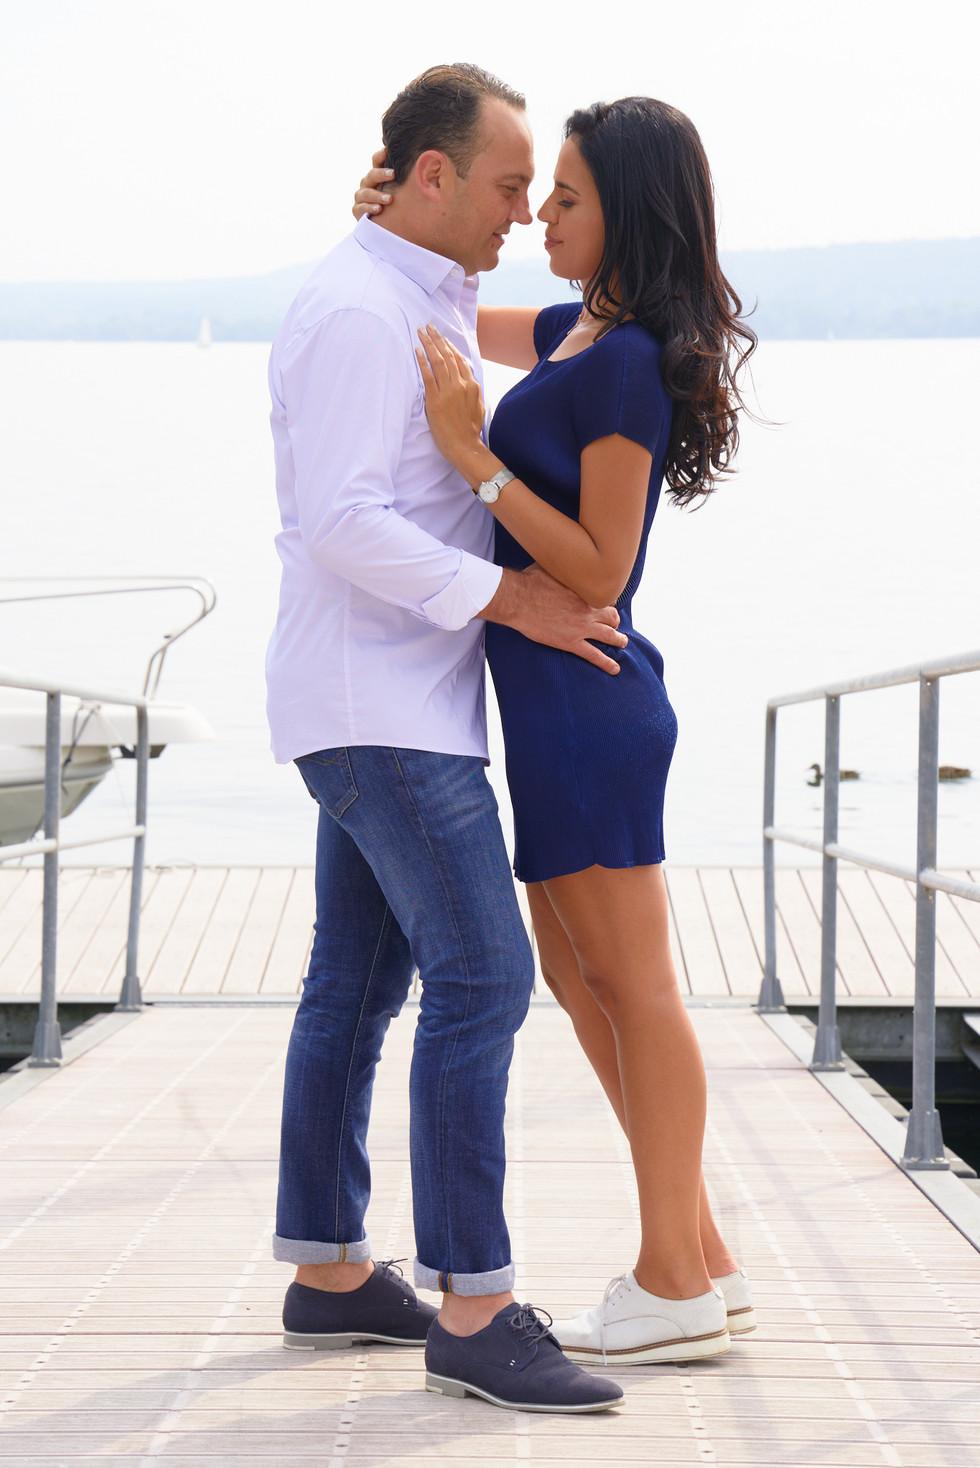 fidanzati in piedi di fronte abbracciati, servizio di fidanzamento, fotografo di matrimonio Novara